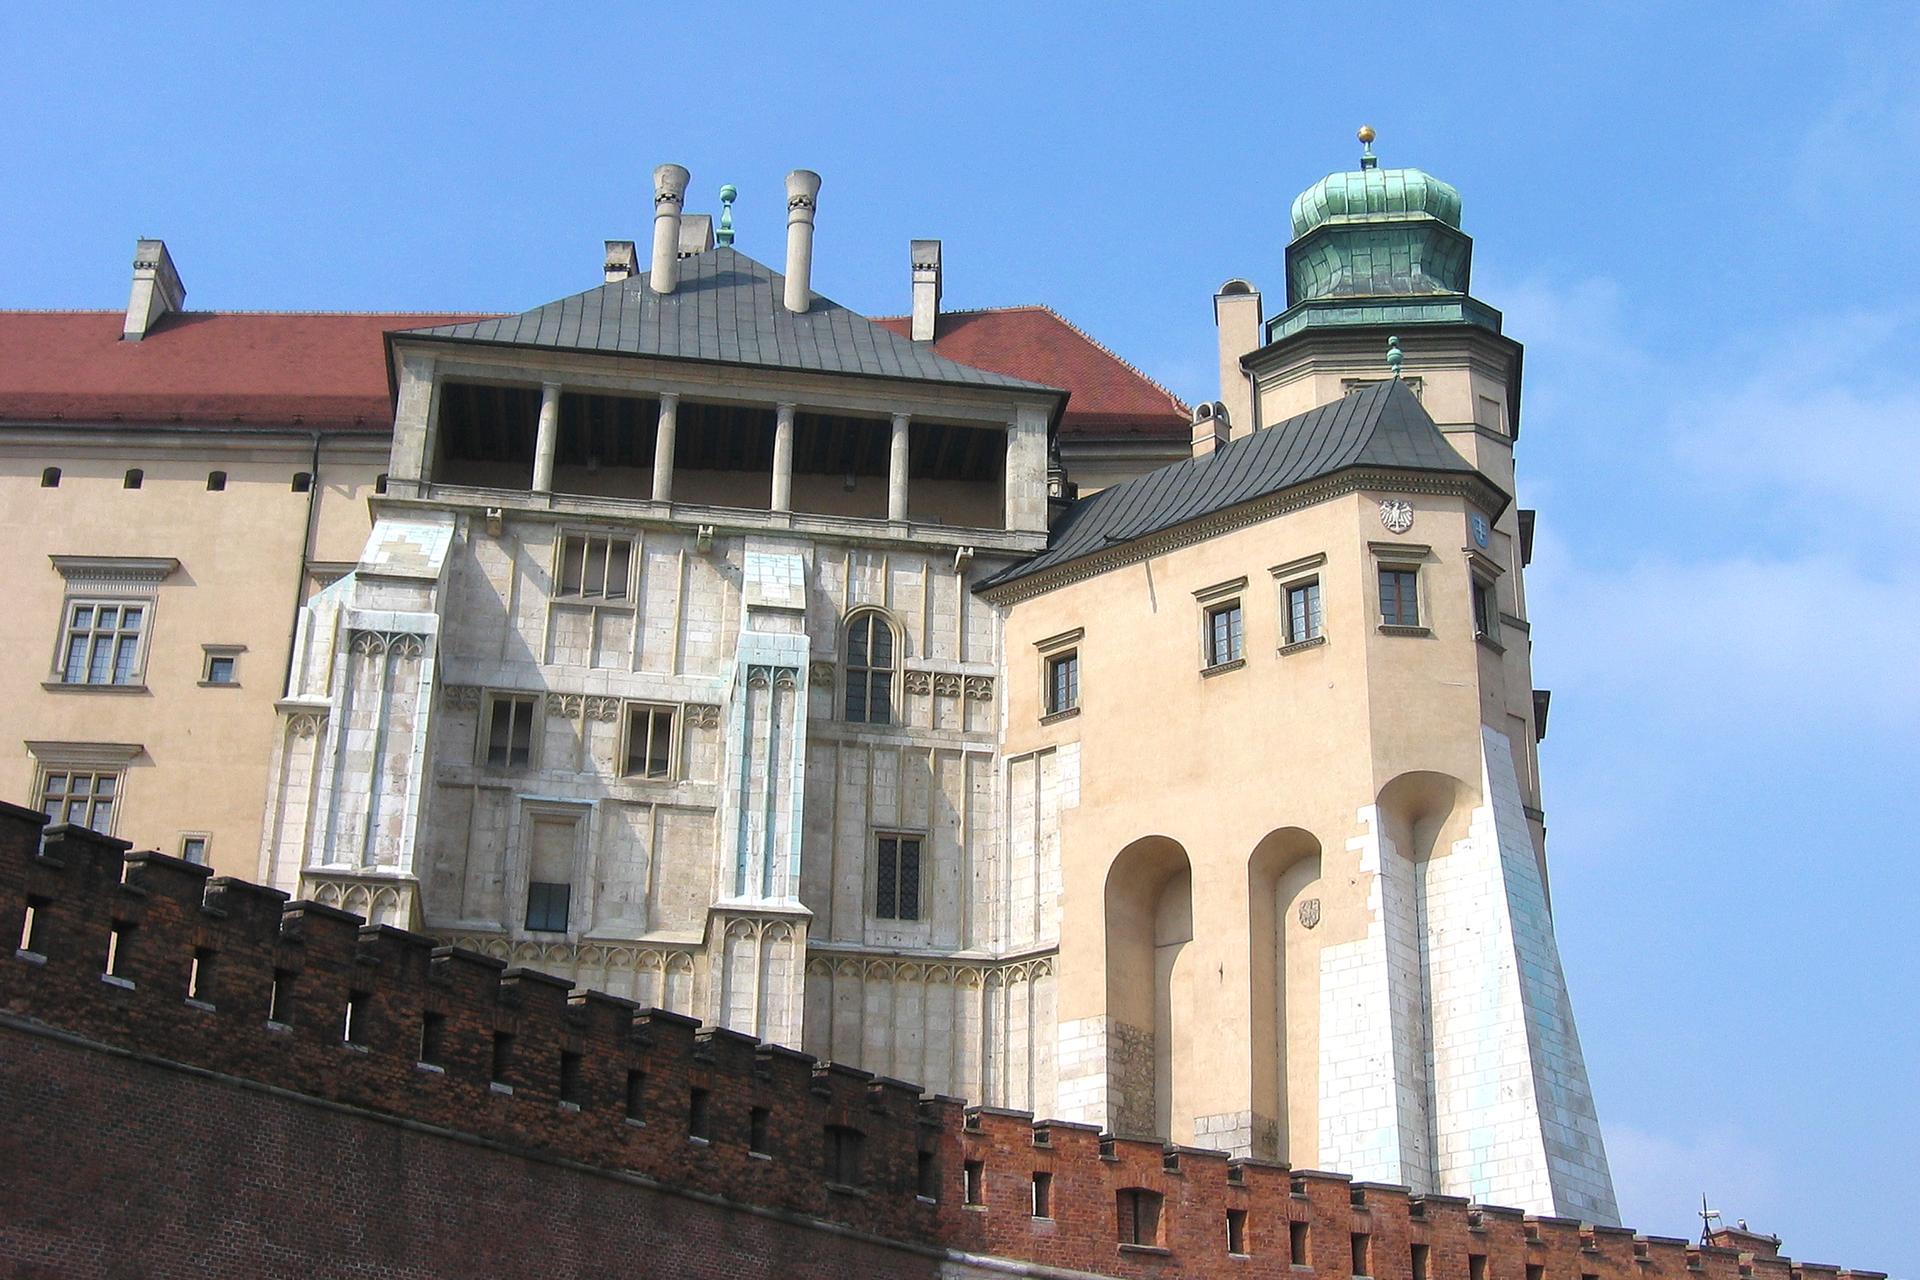 Zdjęcie przedstawia wschodnie skrzydło Zamku Królewskiego na Wawelu wraz zjego podporą, wieżą zwaną Kurzą Stopką po prawej stronie. Według przekazów wieża była siedzibą Michała Sędziwoja, alchemika iodkrywcy tlenu.